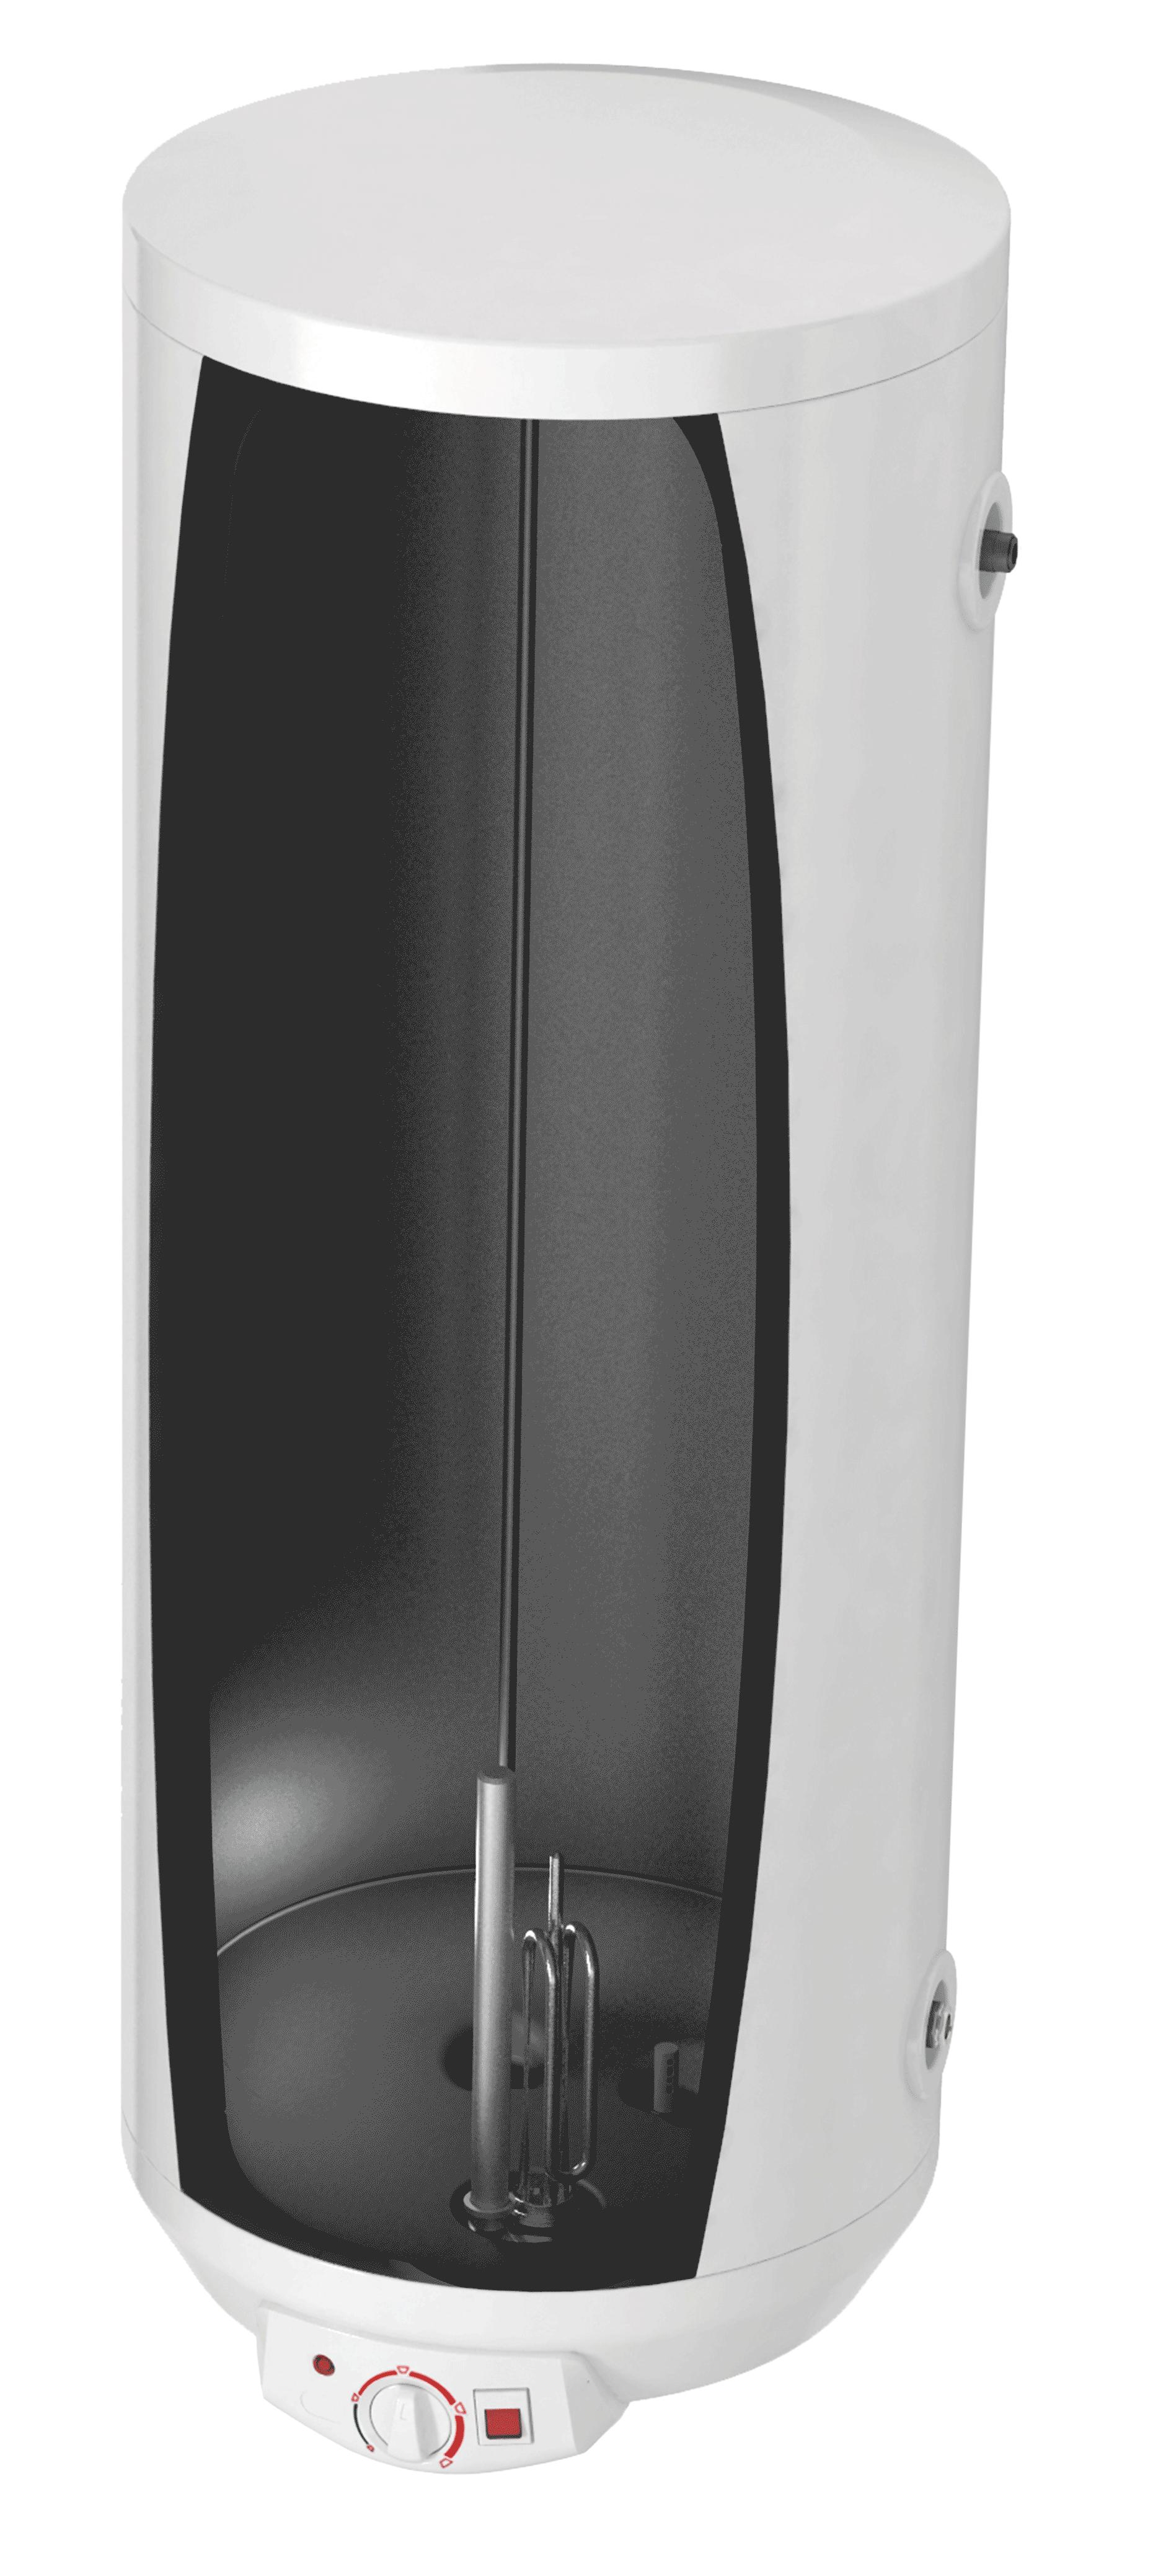 confort en eau chaude saunier duval fabricant de ballons sanitaires pour chaudi res mixtes. Black Bedroom Furniture Sets. Home Design Ideas